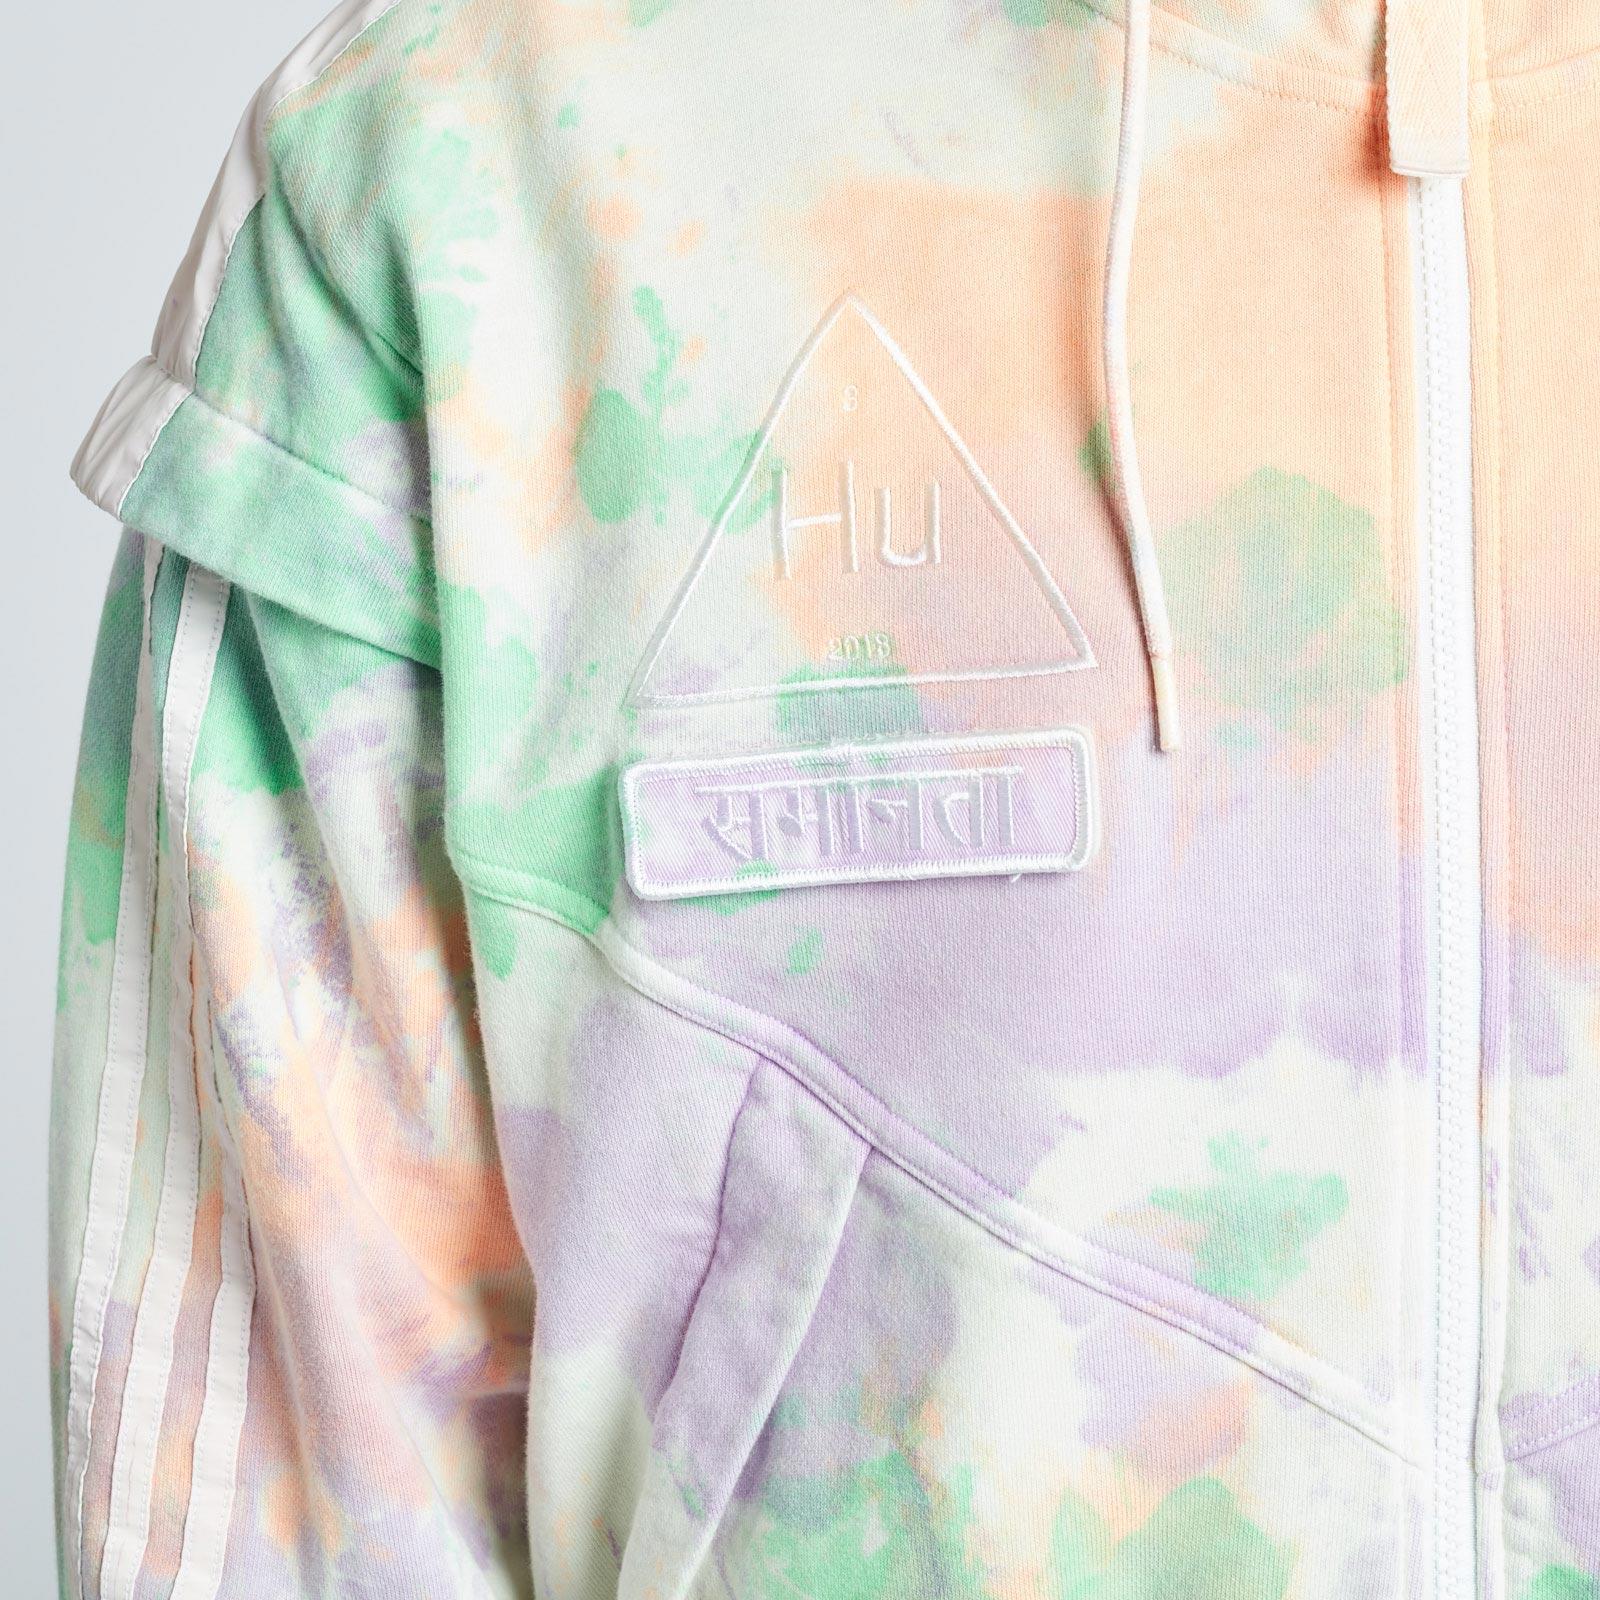 805b61af4aca1 adidas by Pharrell Williams Hu Holi Fz Hood - 10. Close